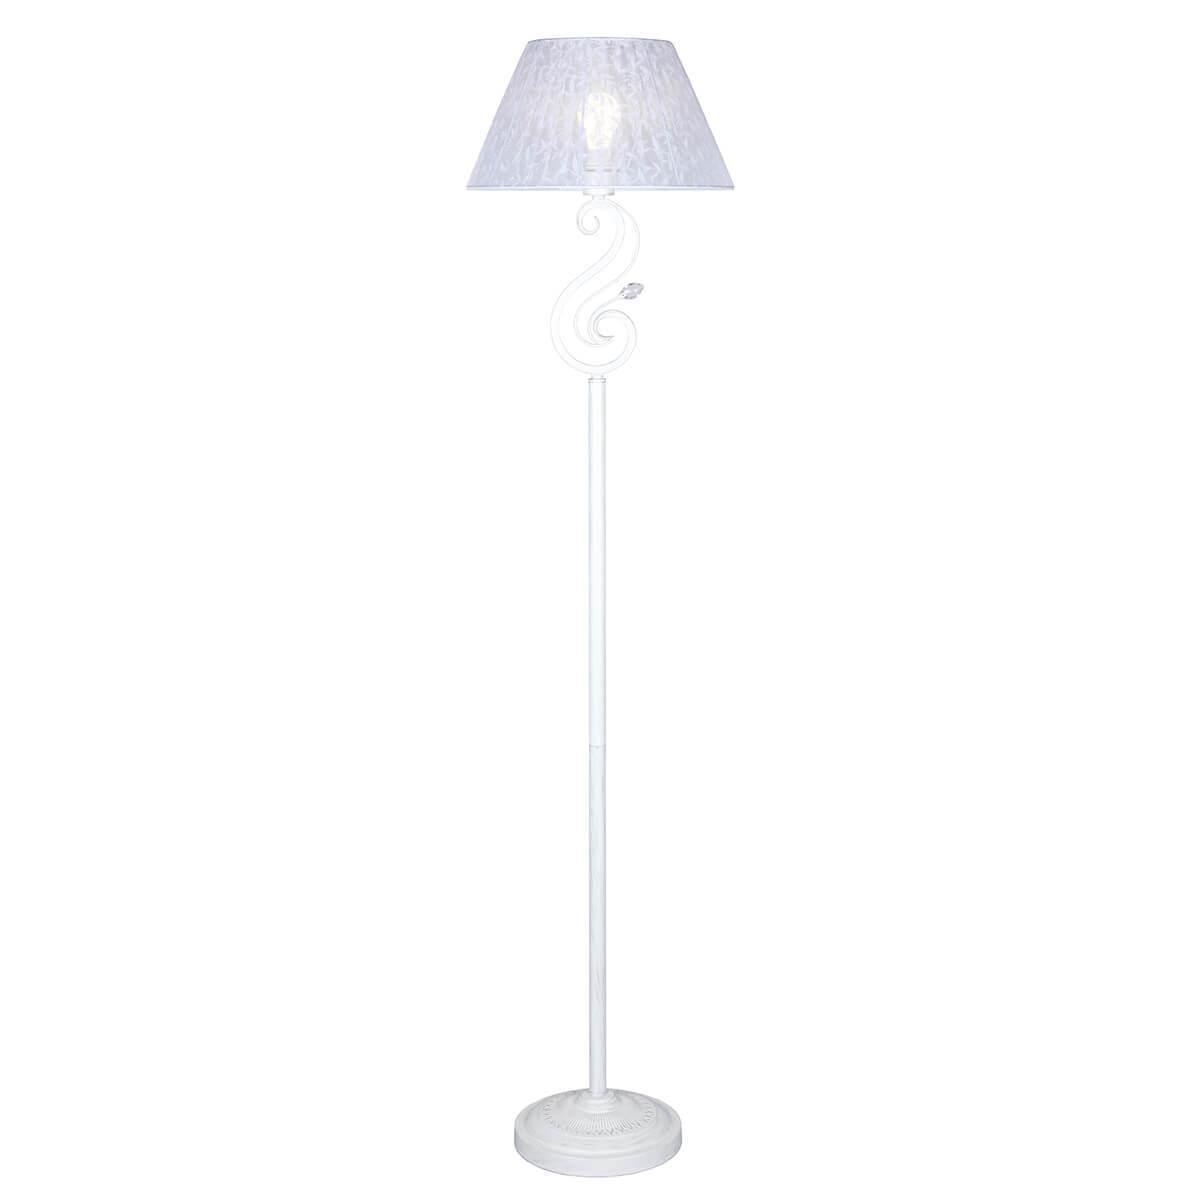 Напольный светильник Omnilux OML-75305-01, E14, 40 Вт omnilux торшер omnilux oml 60805 01